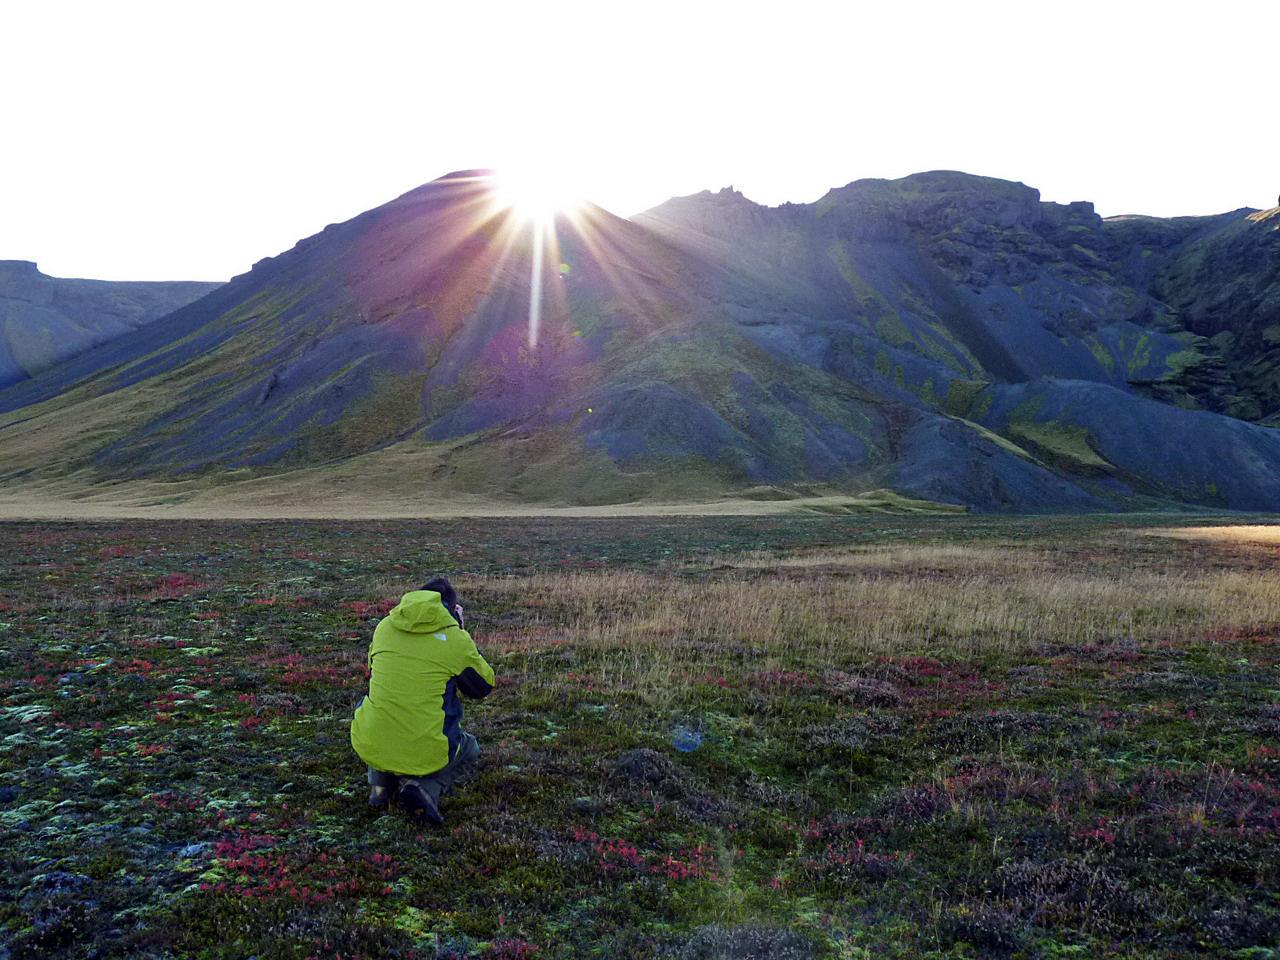 Az éltető Nap bekukkant a völgybe. Izland közvetlenül az Északi-sarkkör alatt fekszik, amiből az következik, hogy nyáron a nappalok nagyon hosszúak, szinte nincs is éjszaka, télen viszont 24 órából húszban a félhomály és a sötétség az úr. Reyjkjavíkban messze földön híres partykkal veszik fel a harcot a fényhiányos depresszió ellen